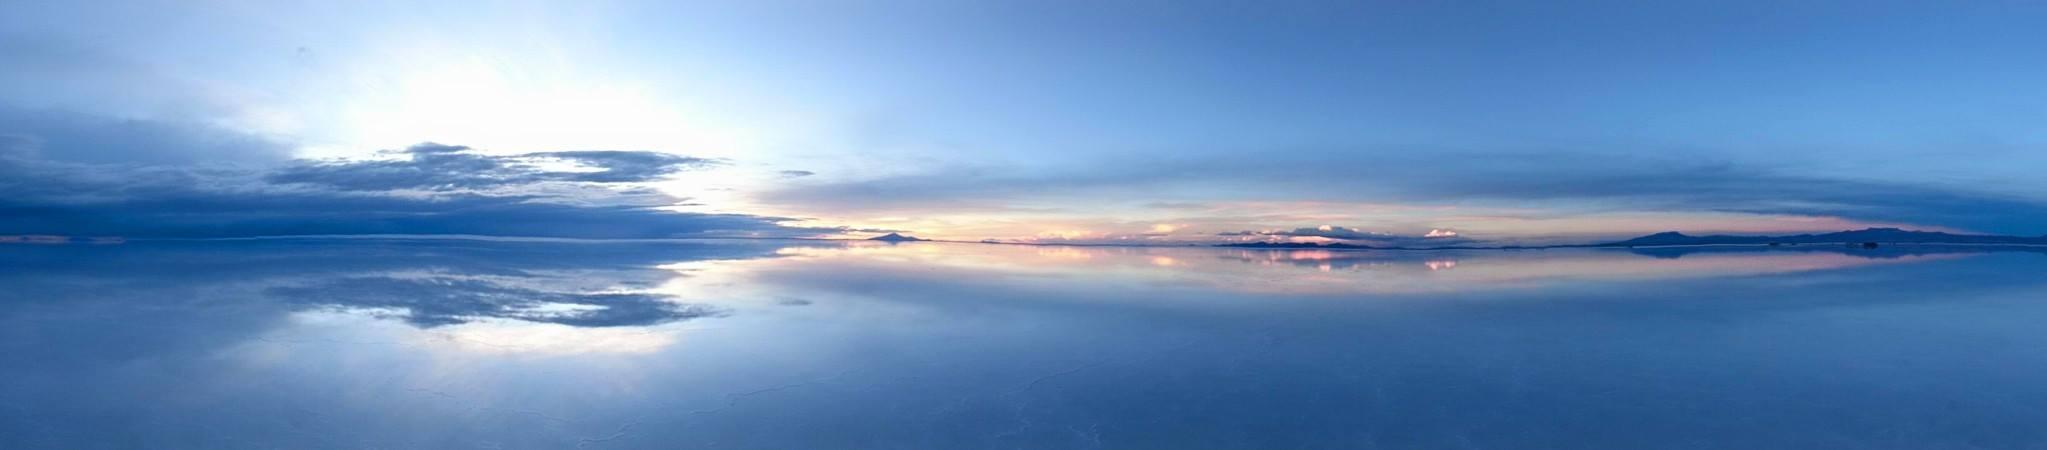 ウユニ塩湖(サンセット)